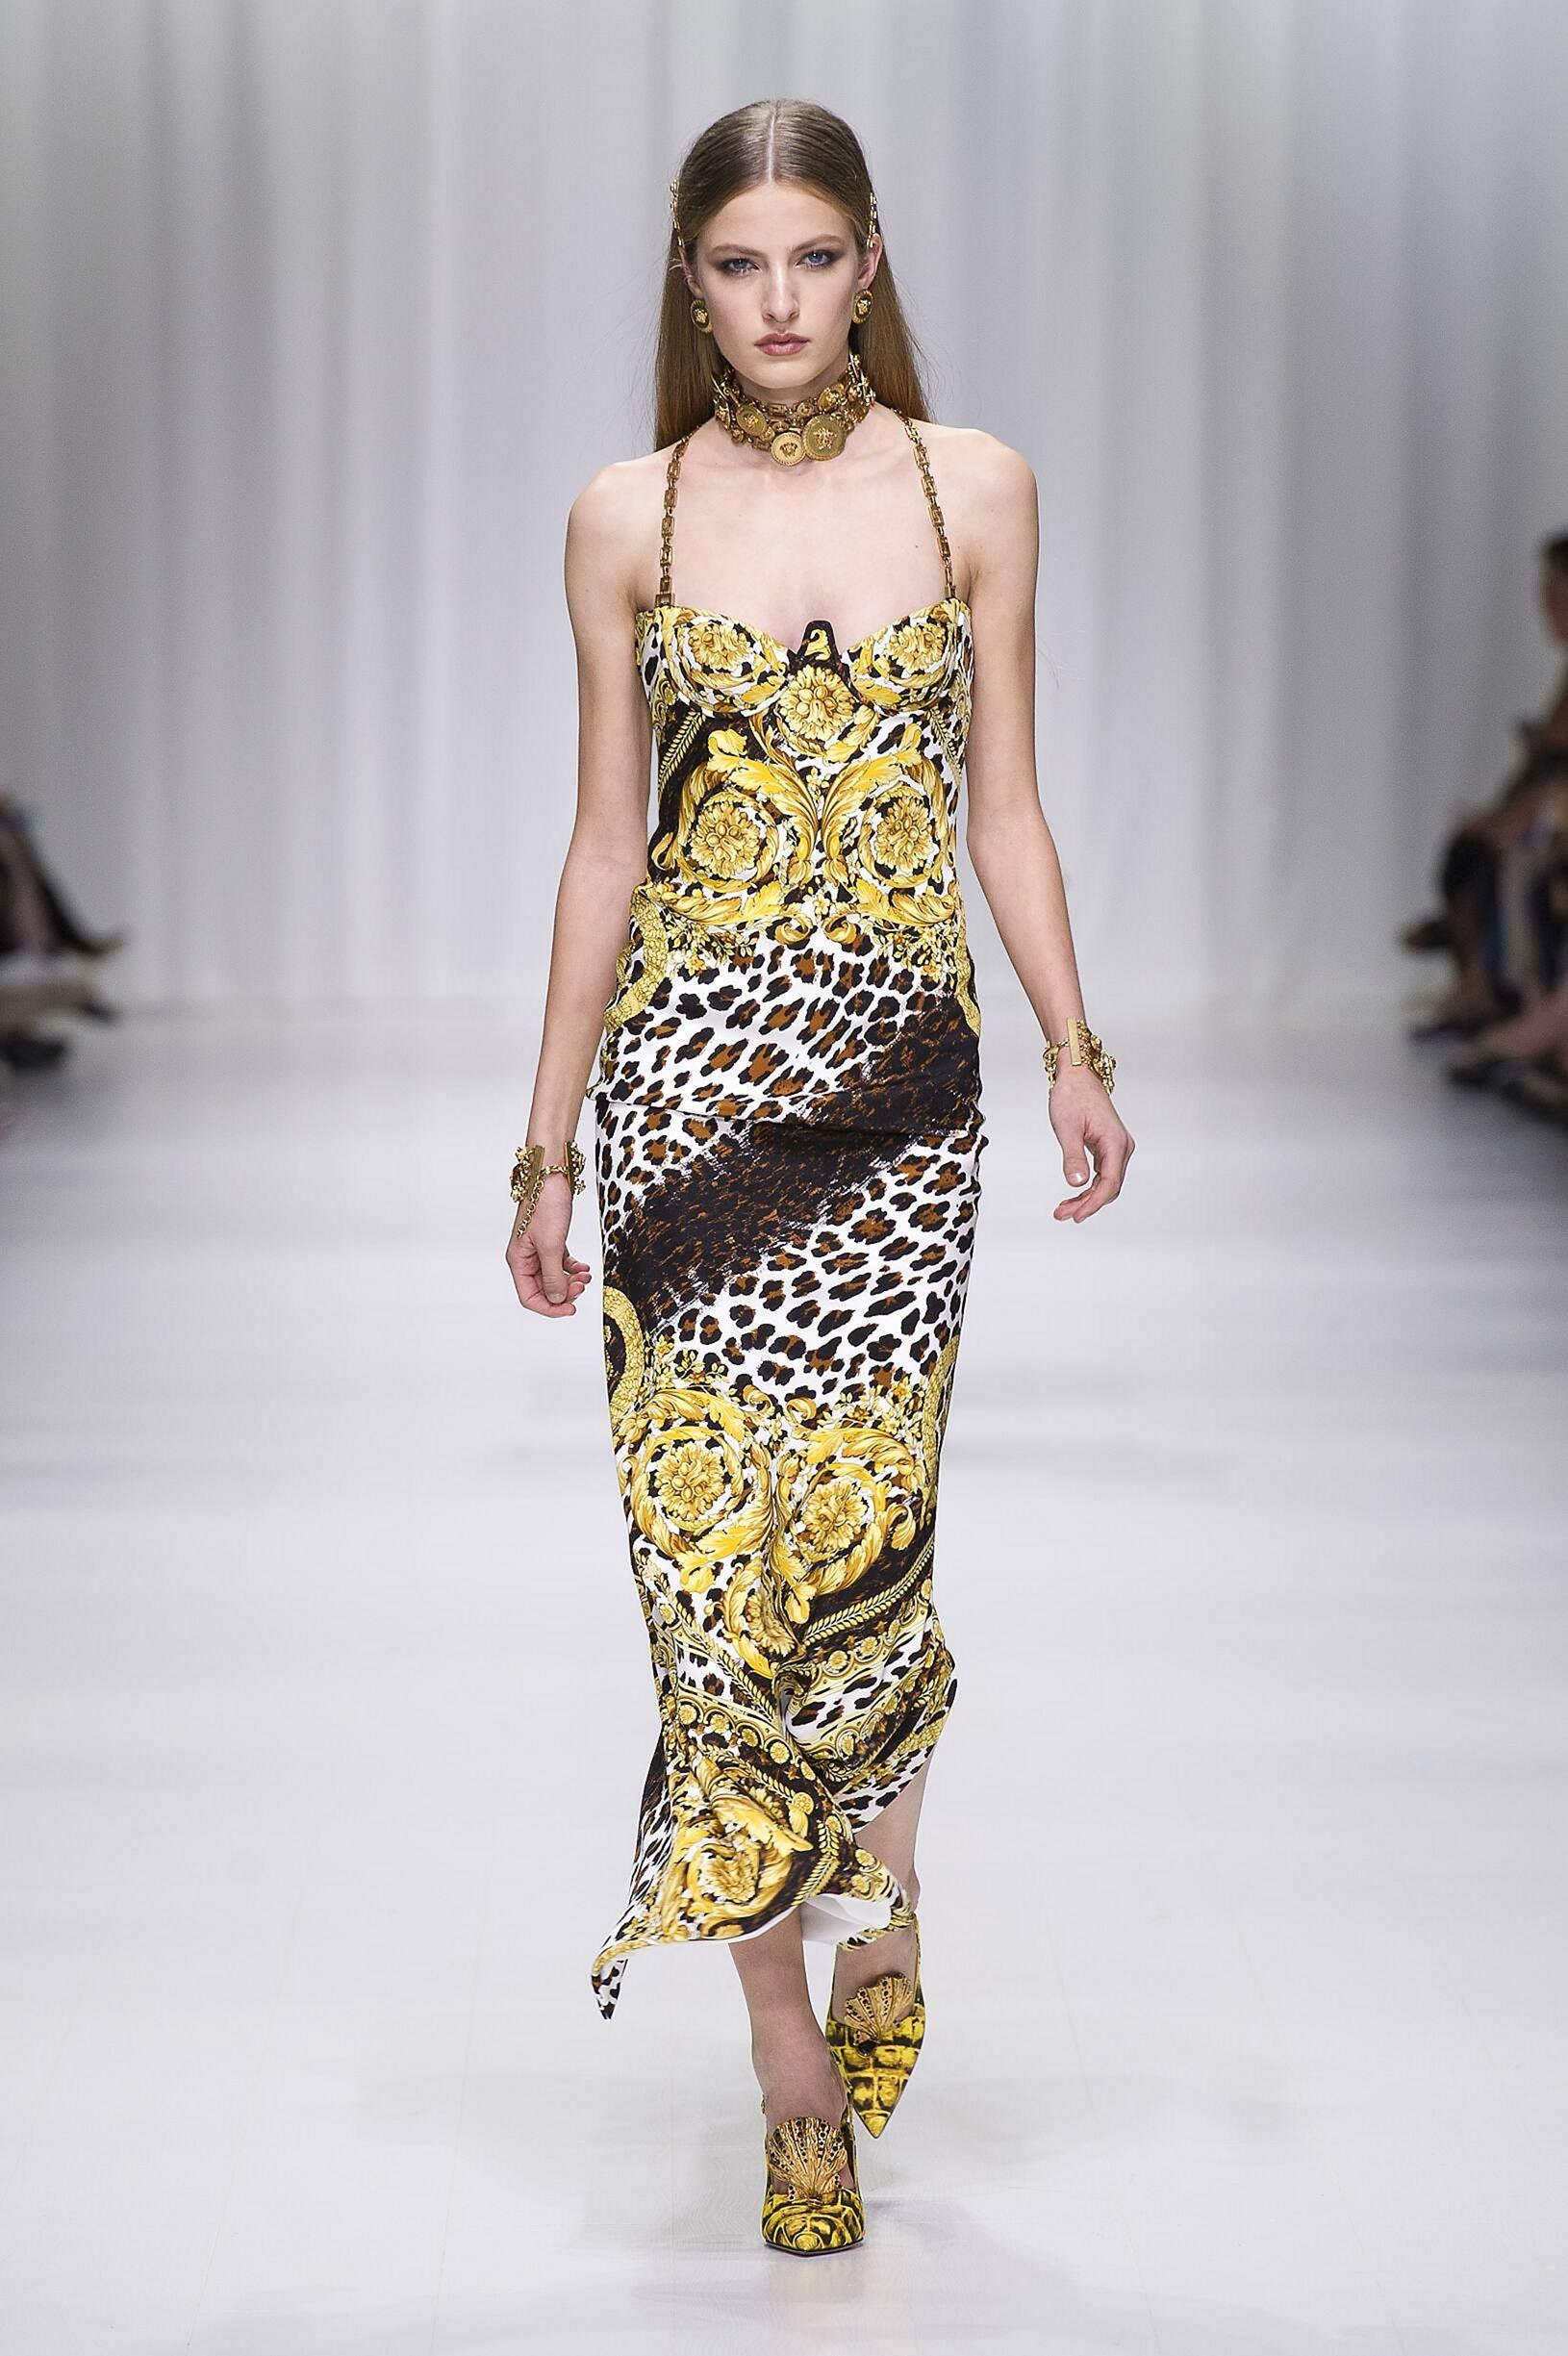 Повседневное платье с принтом анималистичным